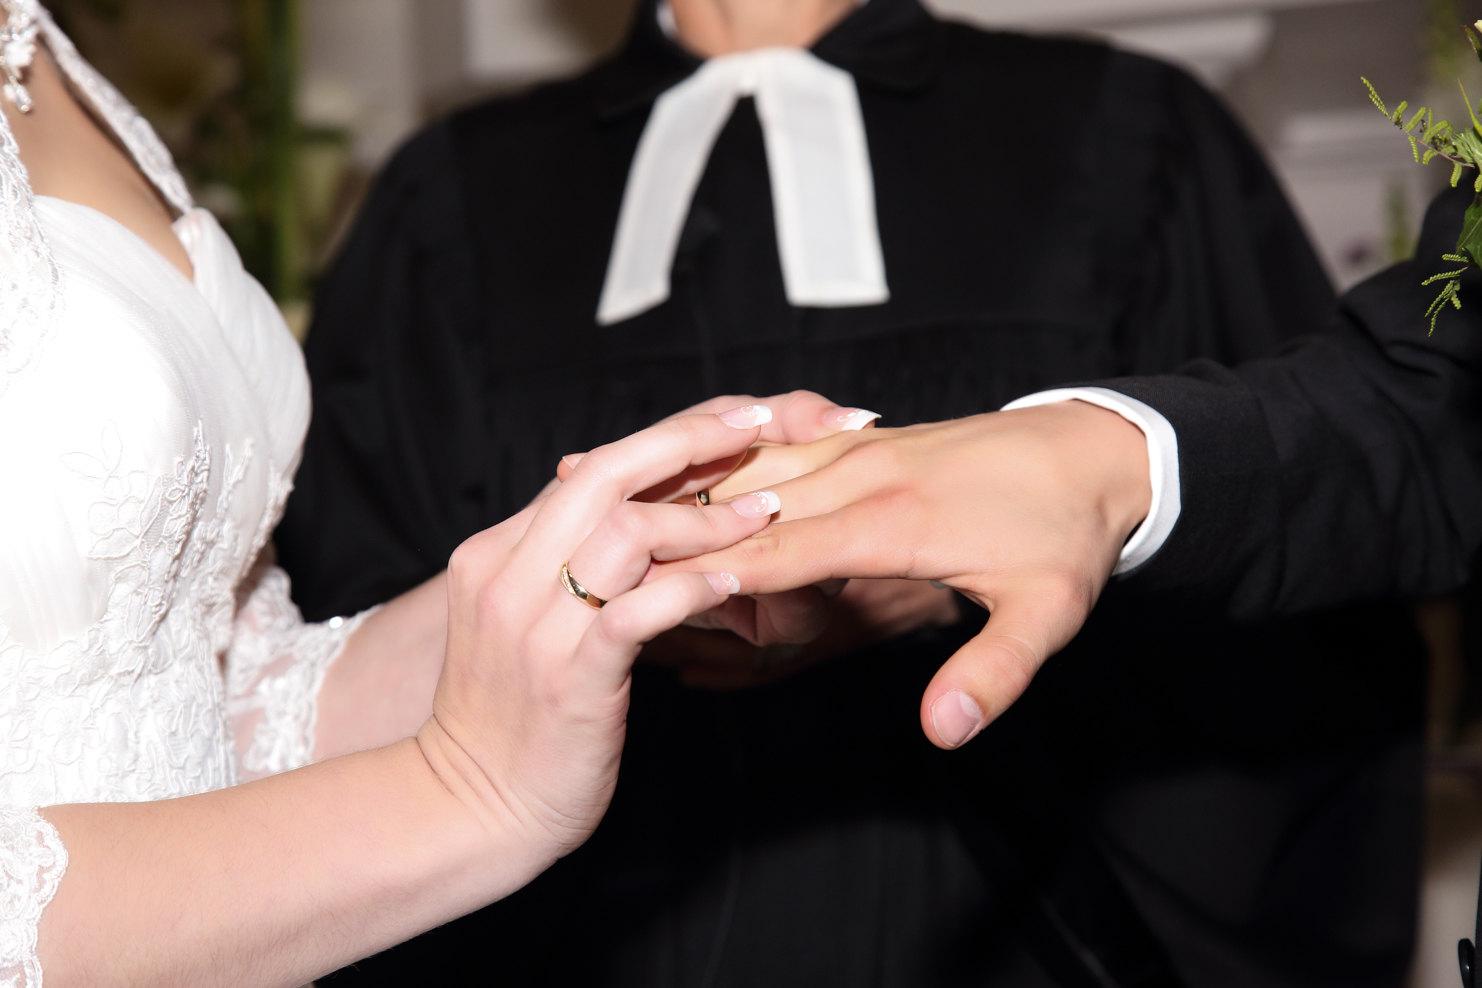 Eheringe tauschen bei Hochzeitsfotografie authentisch und modern